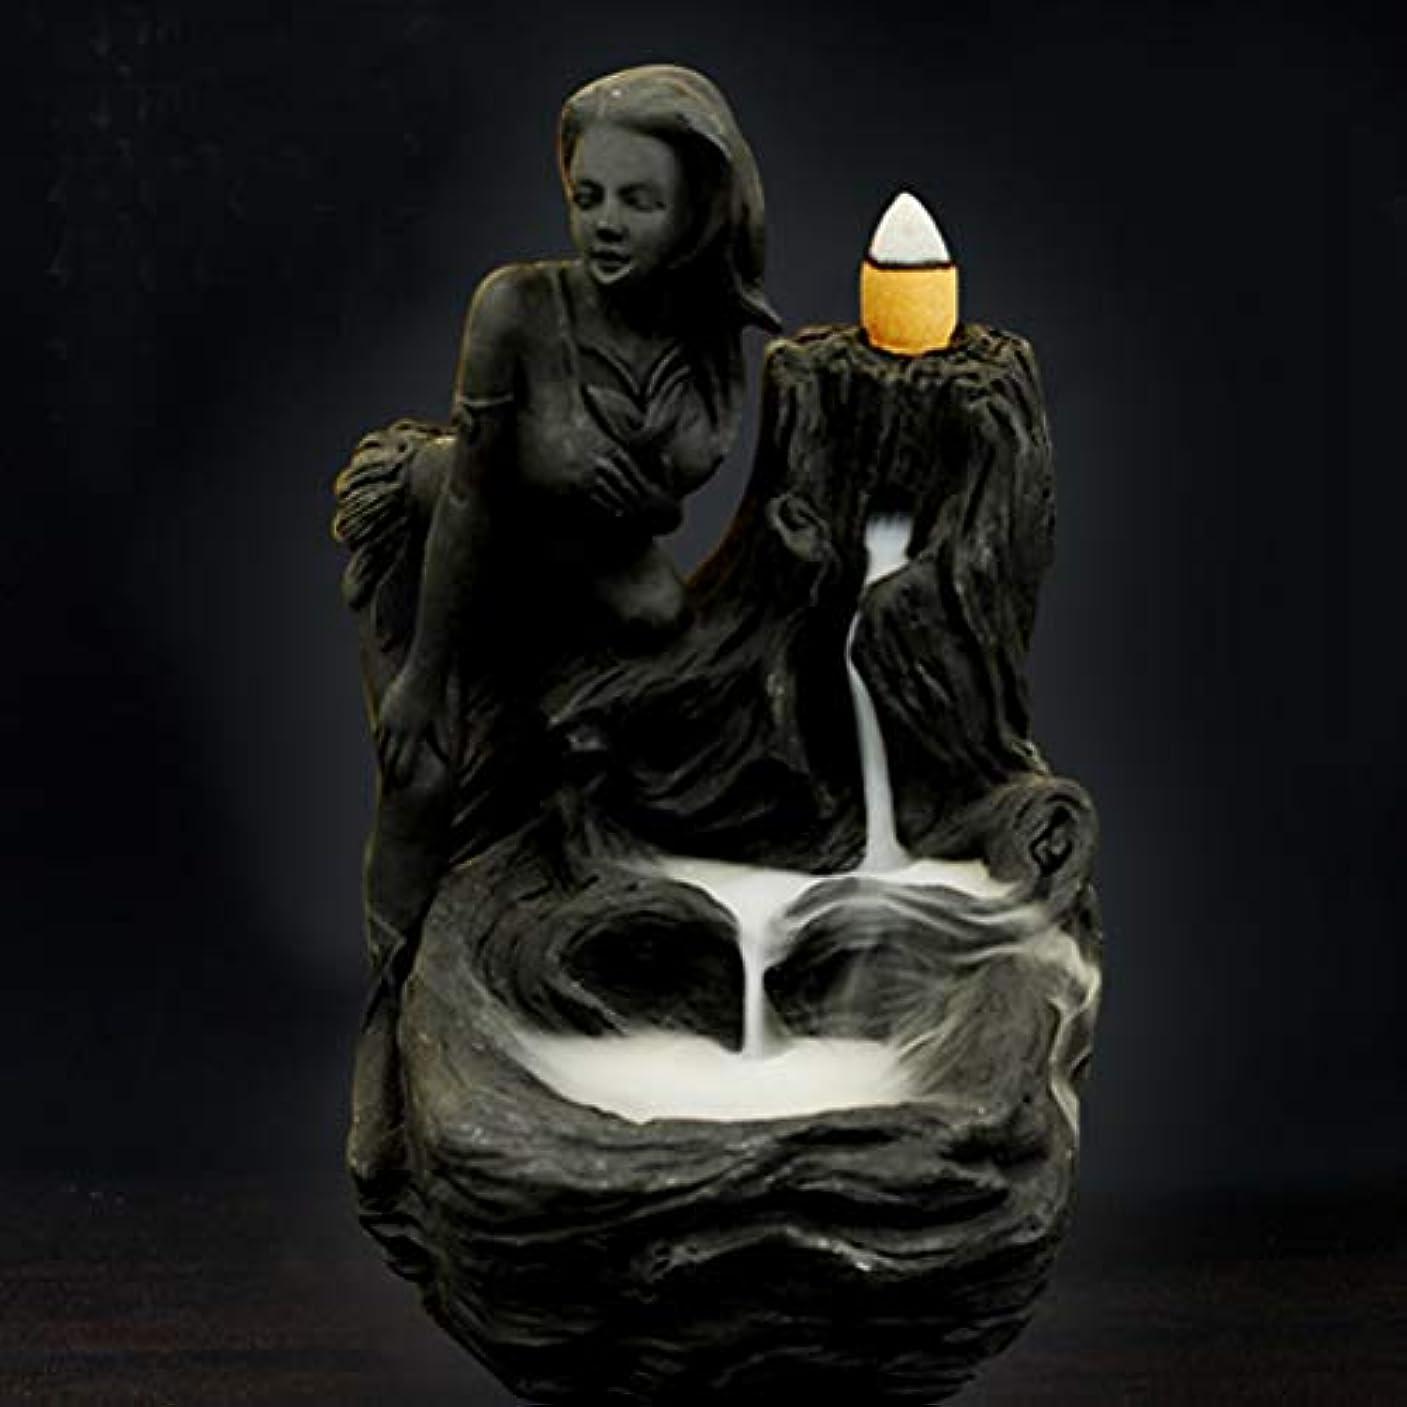 背の高いアシスト時刻表女神香炉煙逆流タワー香炉香炉香炉ホルダー香炉ホームデコレーション